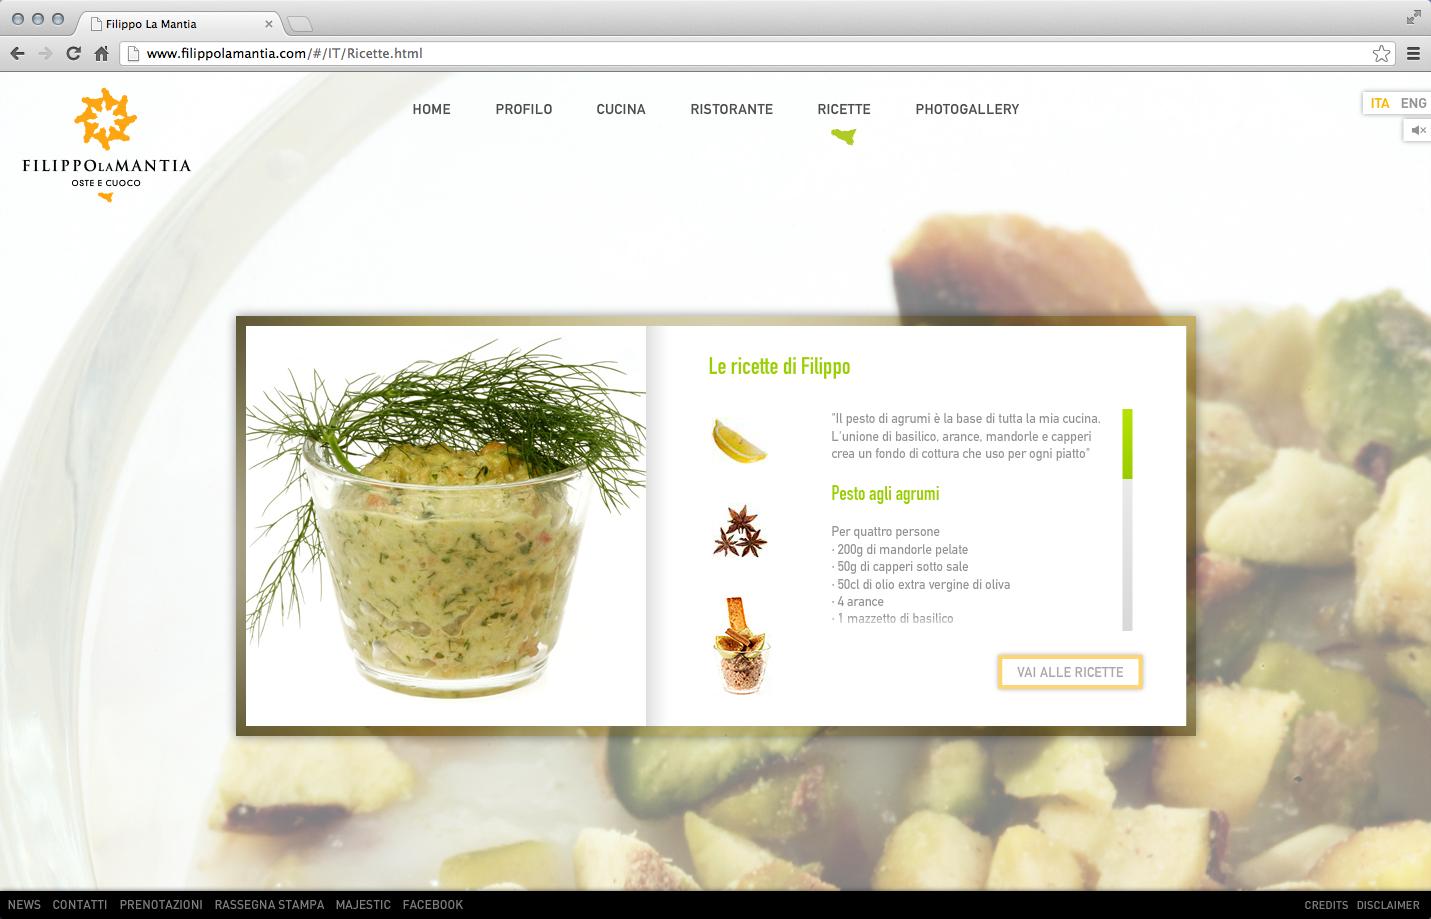 Filippo La Mantia Rebranding - Web Site 3